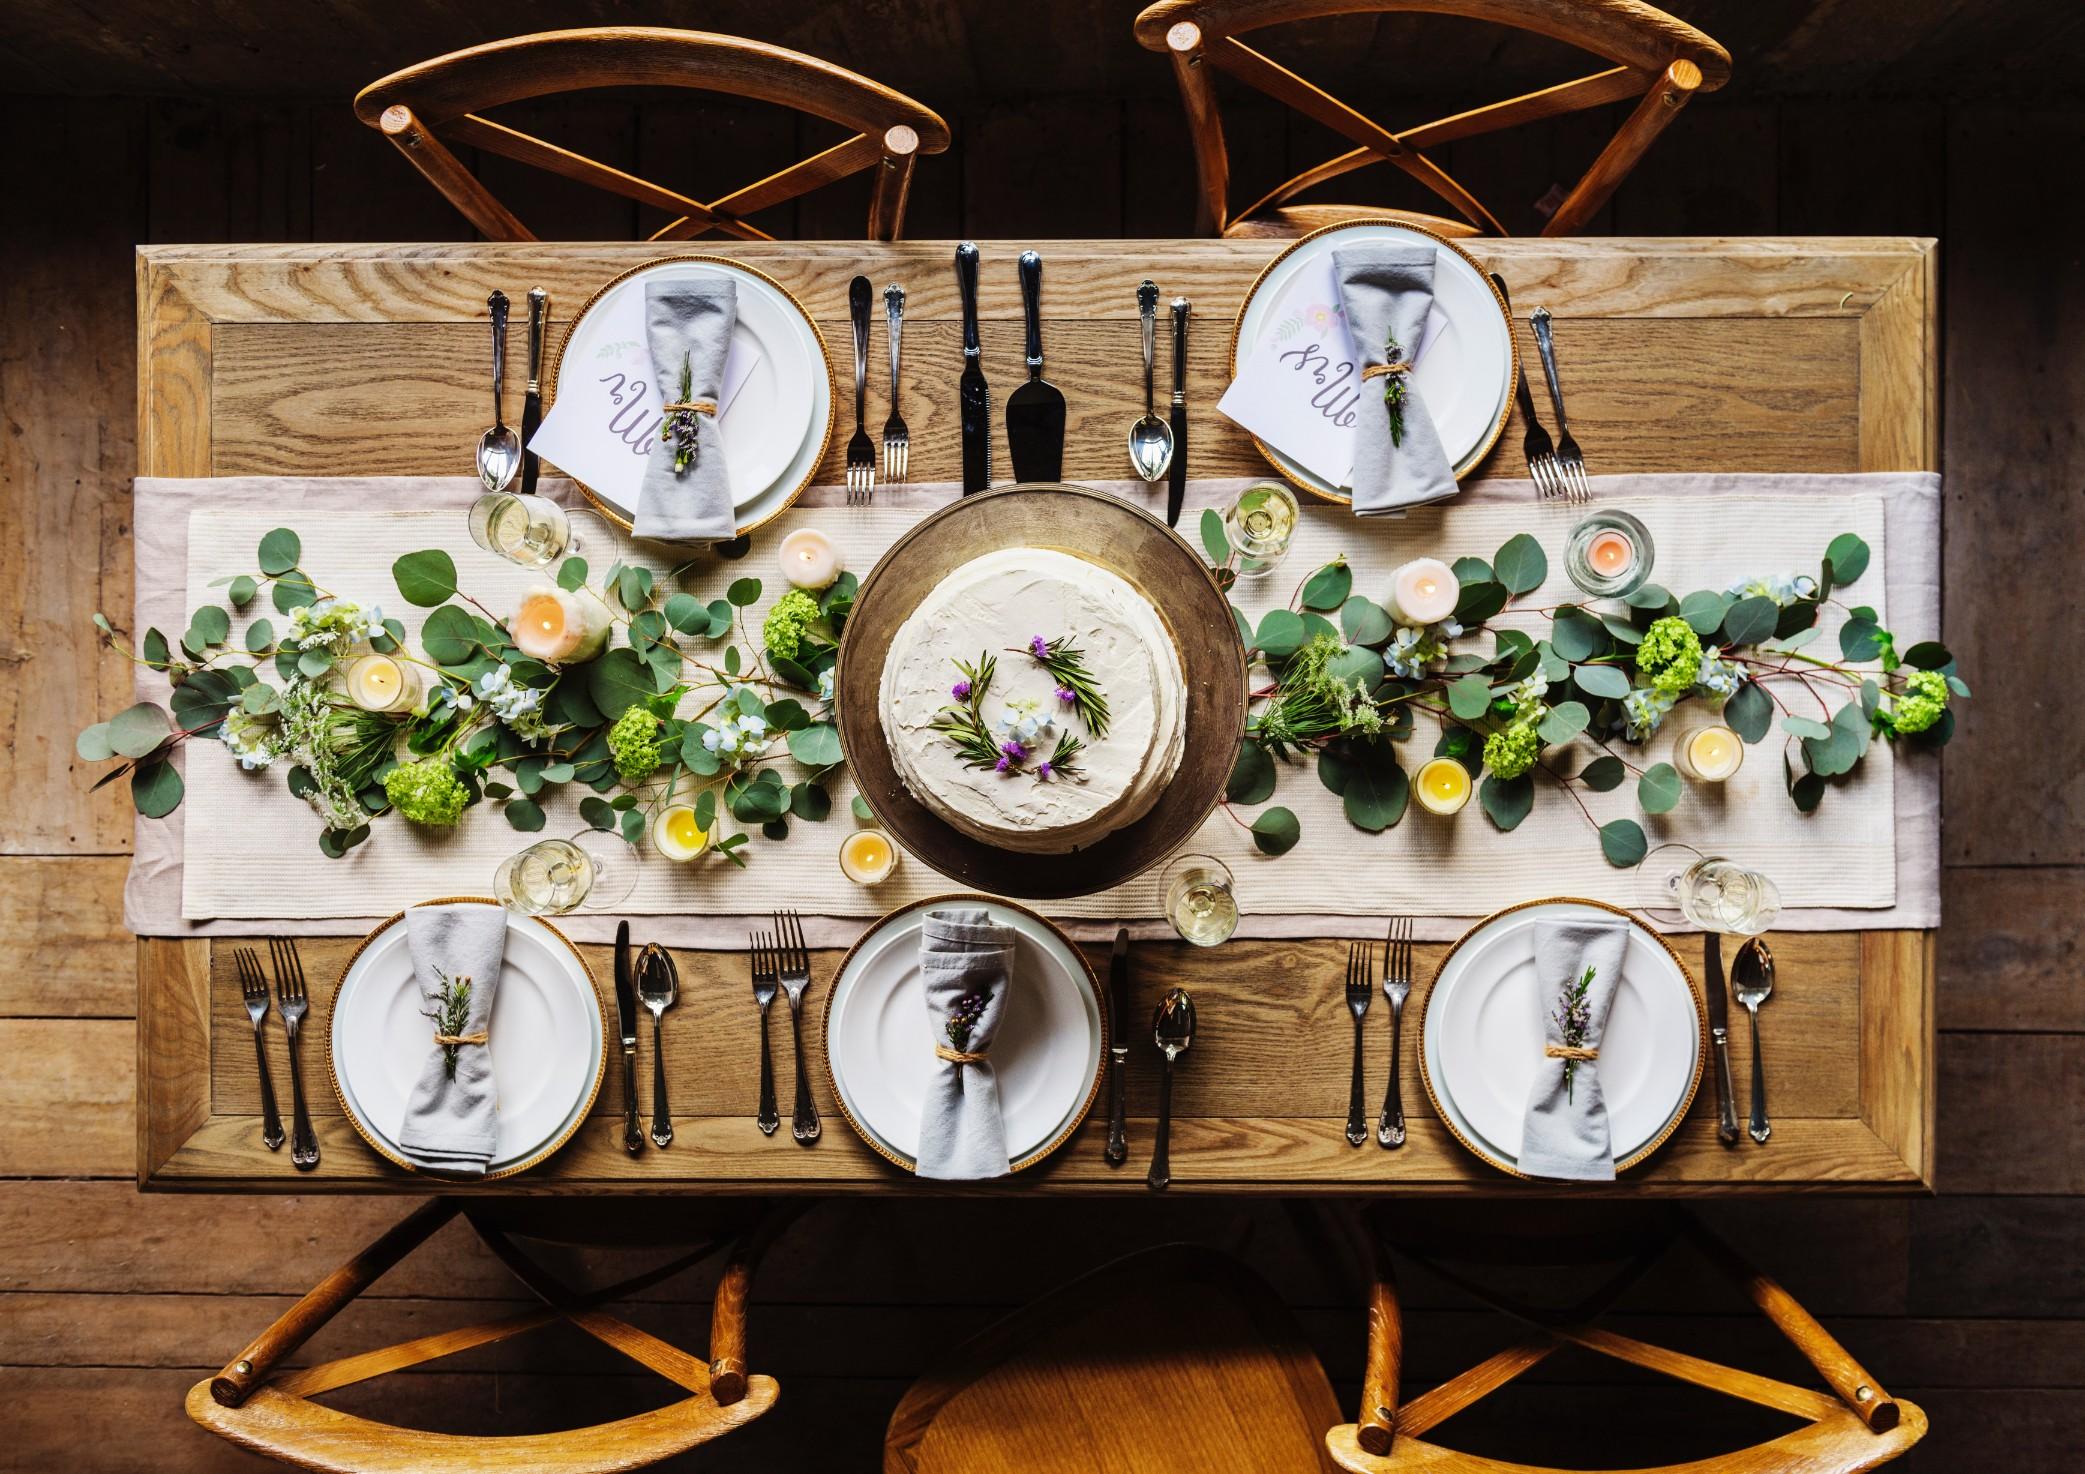 結婚のお食事会のテーブル